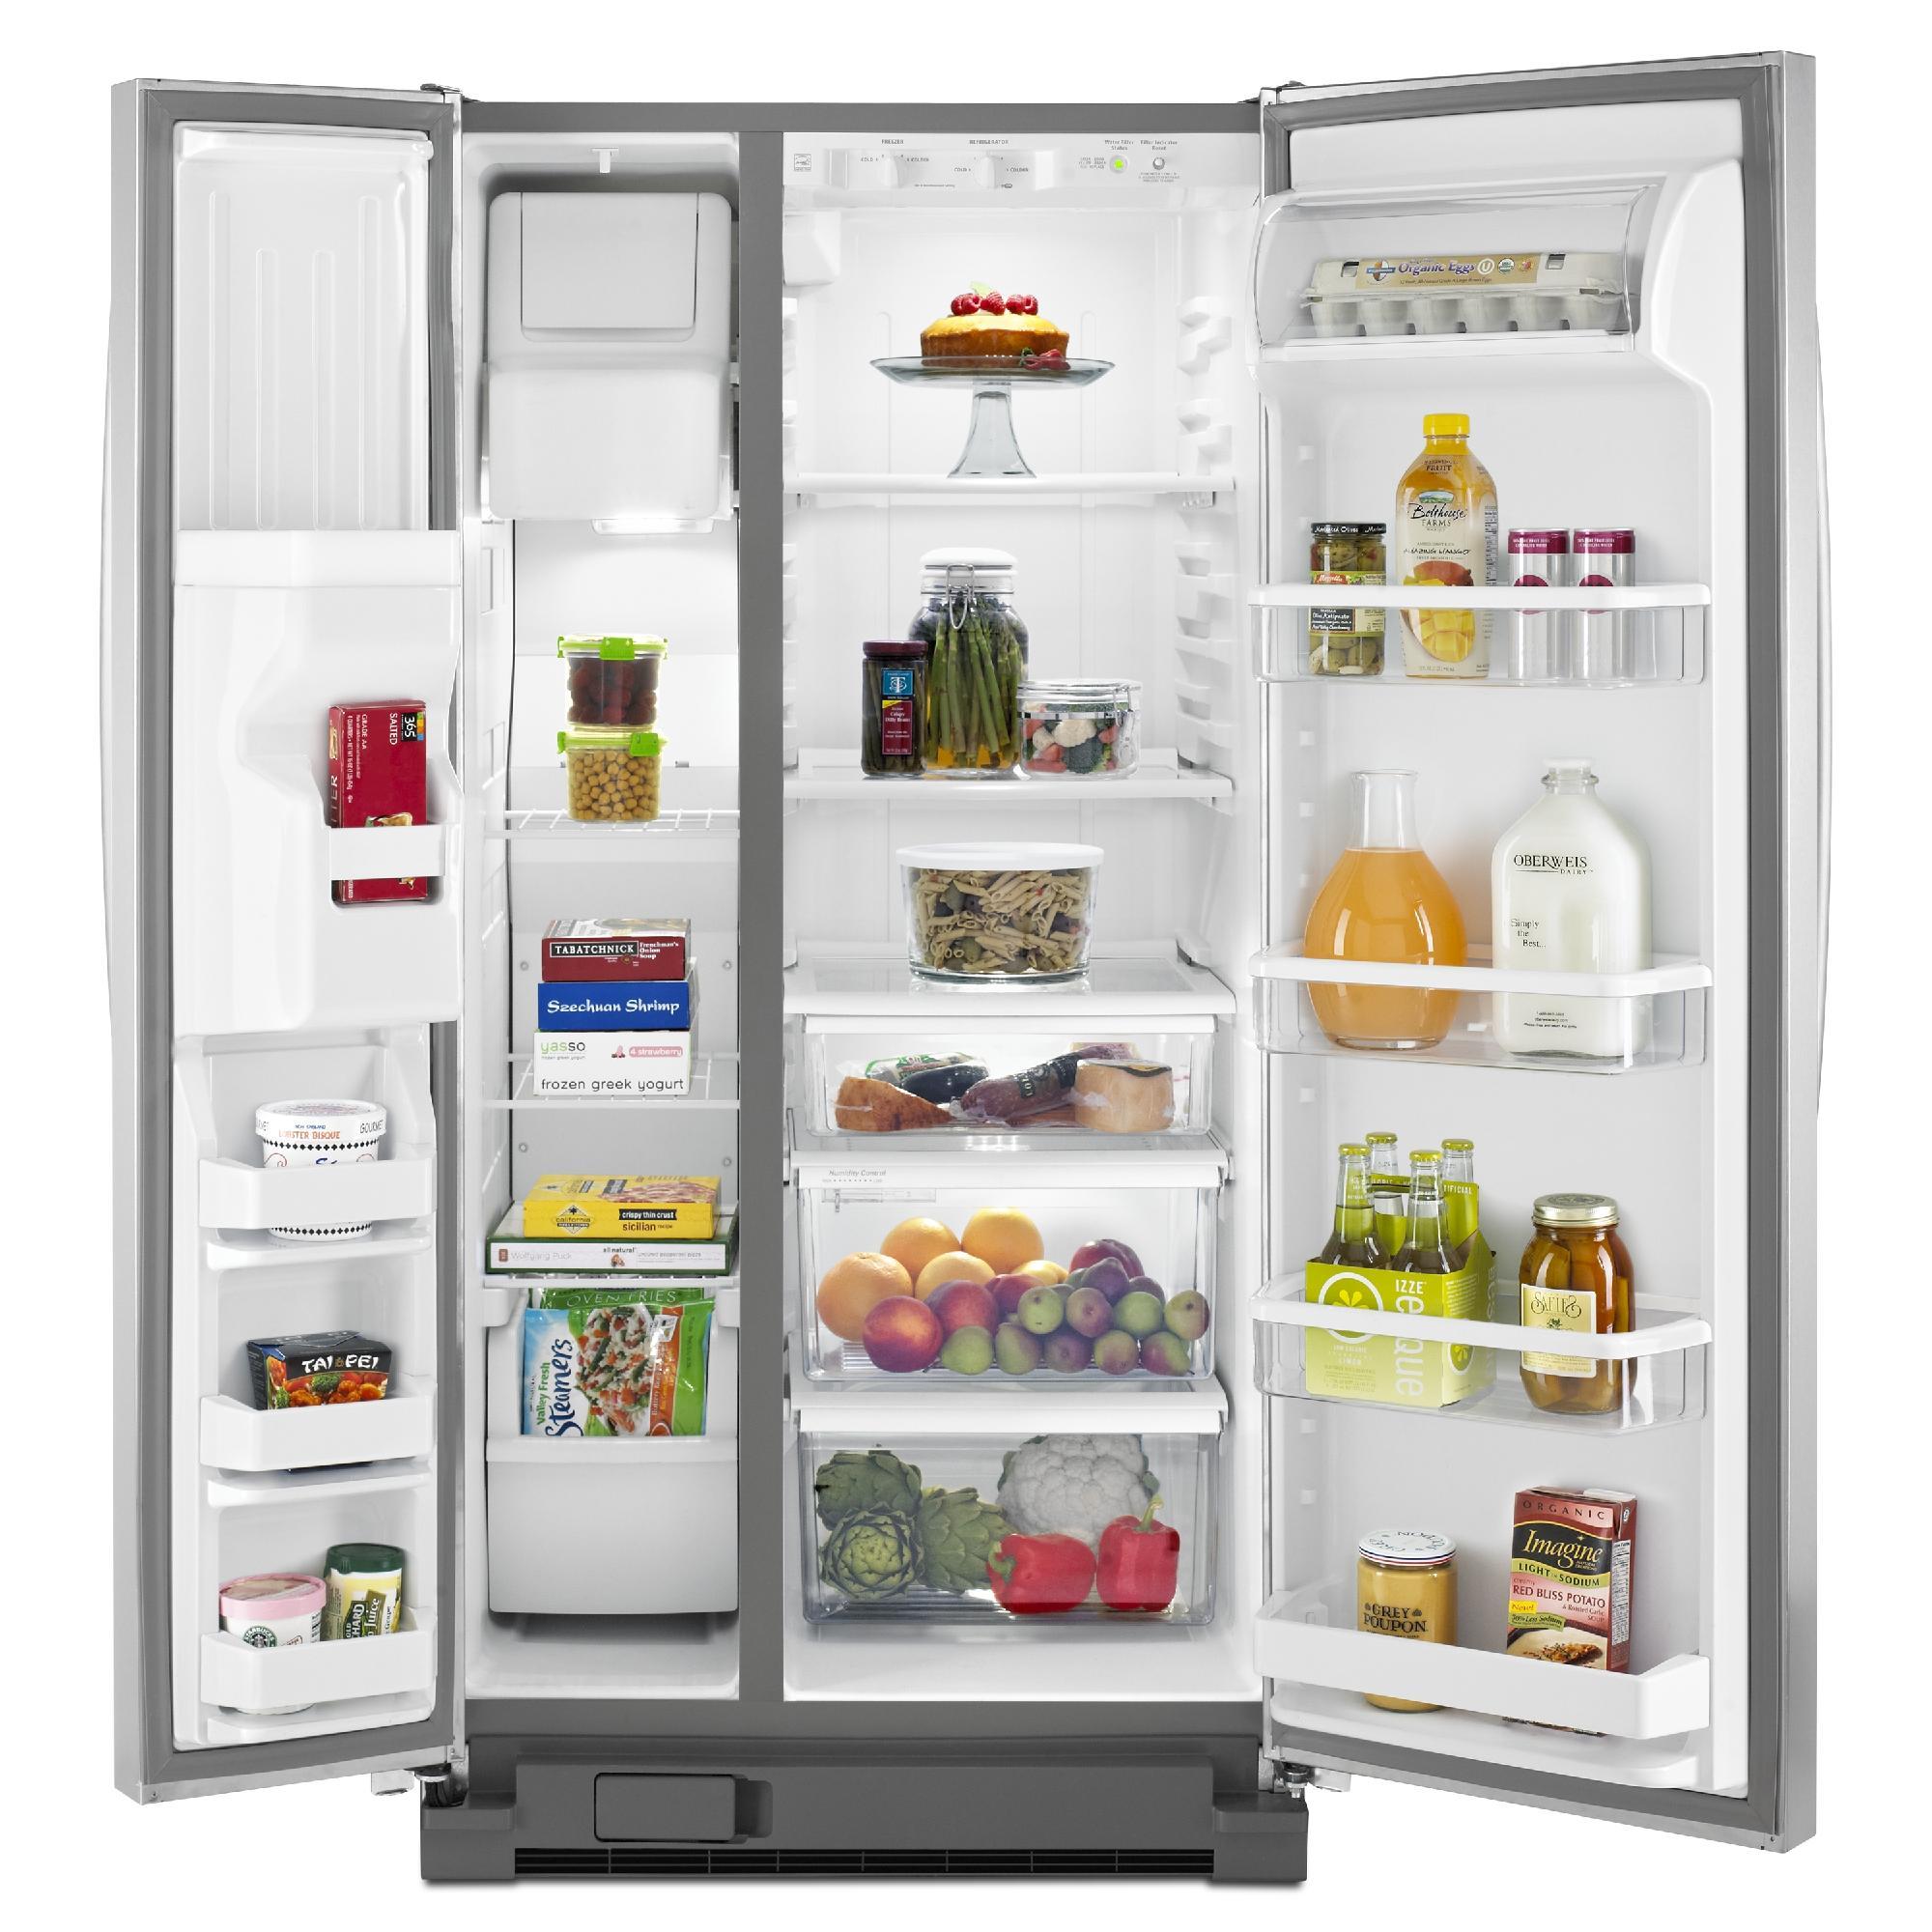 Whirlpool WRS322FDAD 21.0 cu. ft. Side-by-Side Refrigerator w/ Accu-Chill™ - Silver